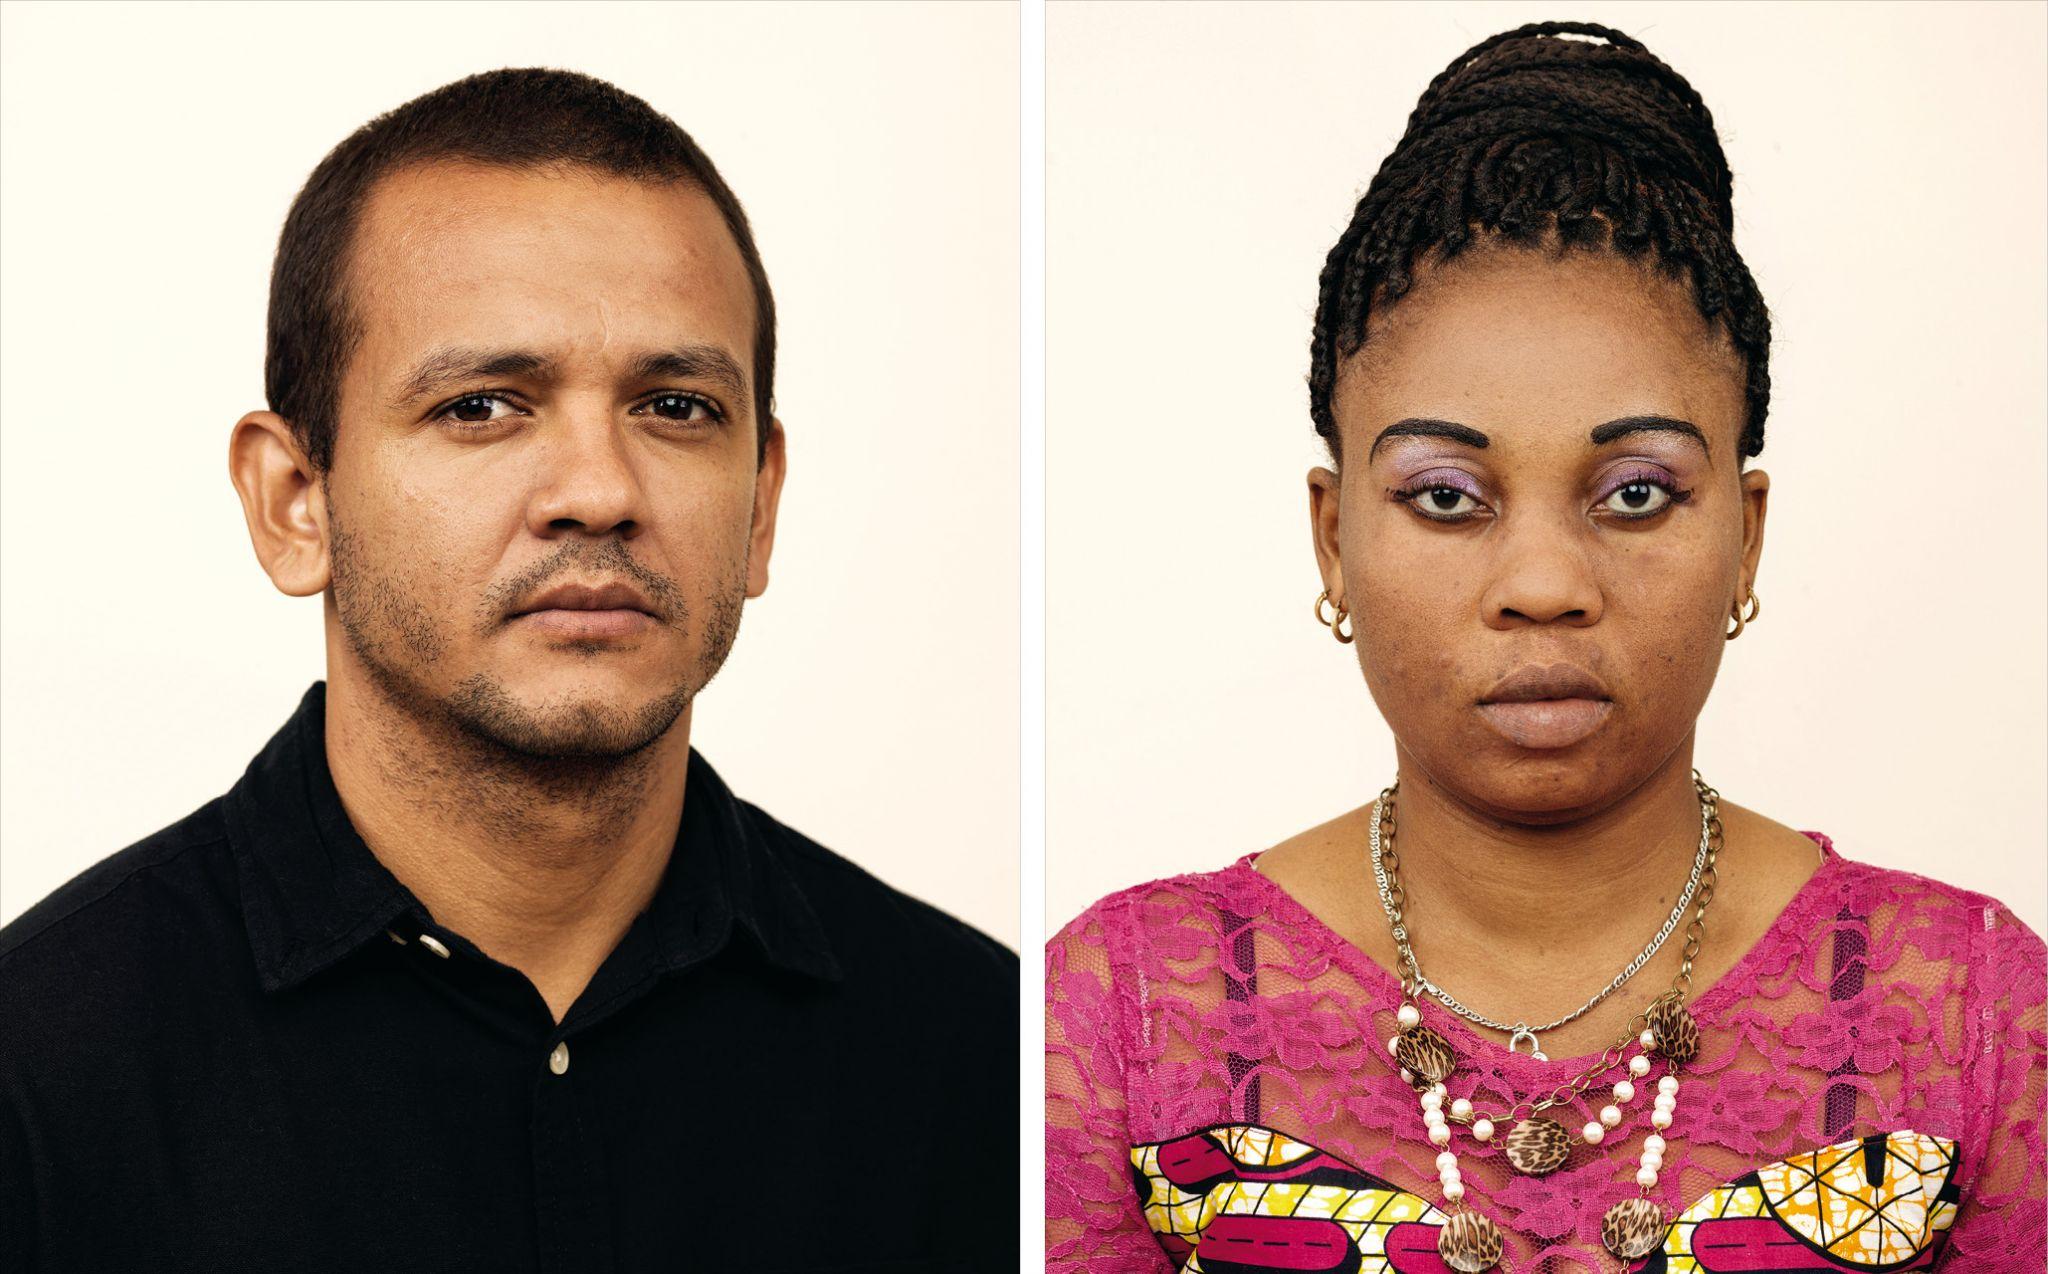 Coletivo Trëma, Dany Alberto Pérez Vásquez e Theresa Senga, da série <em>Memento</em>, 2016. Bolsa de Fotografia ZUM/IMS 2015